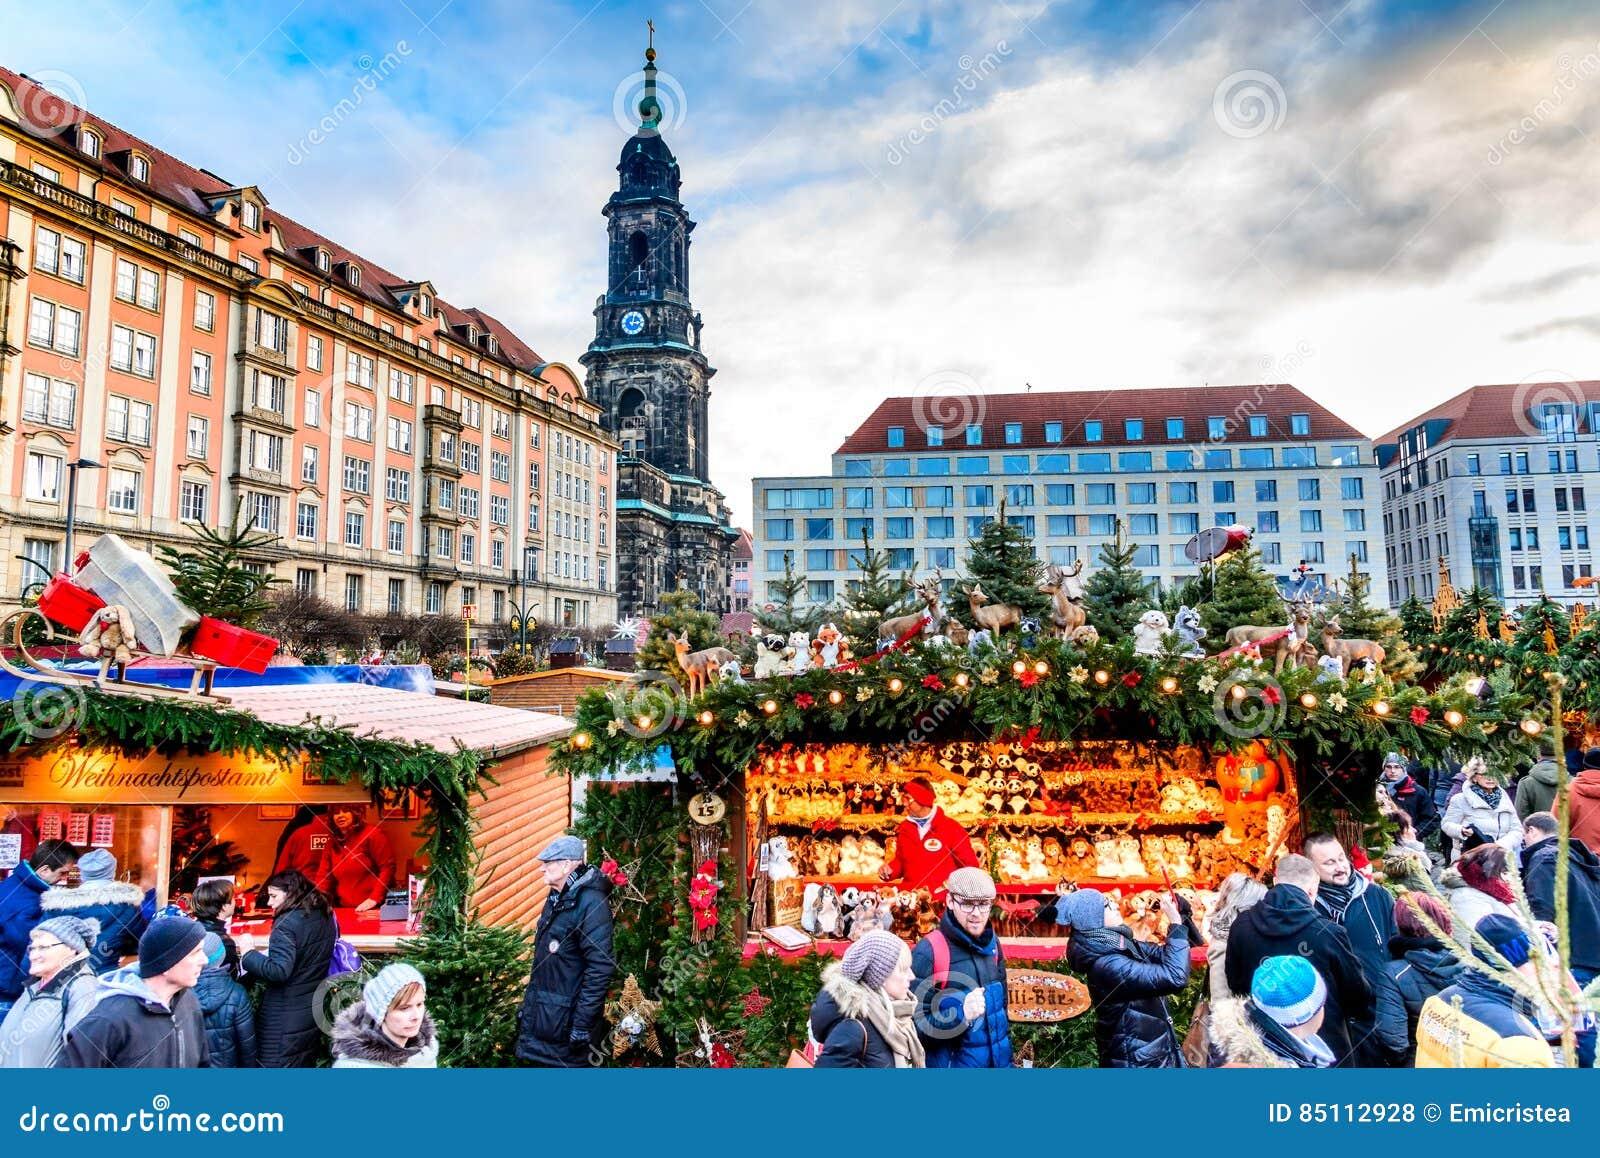 Dresden Weihnachten.Dresden Deutschland Striezelmarkt Auf Weihnachten Redaktionelles